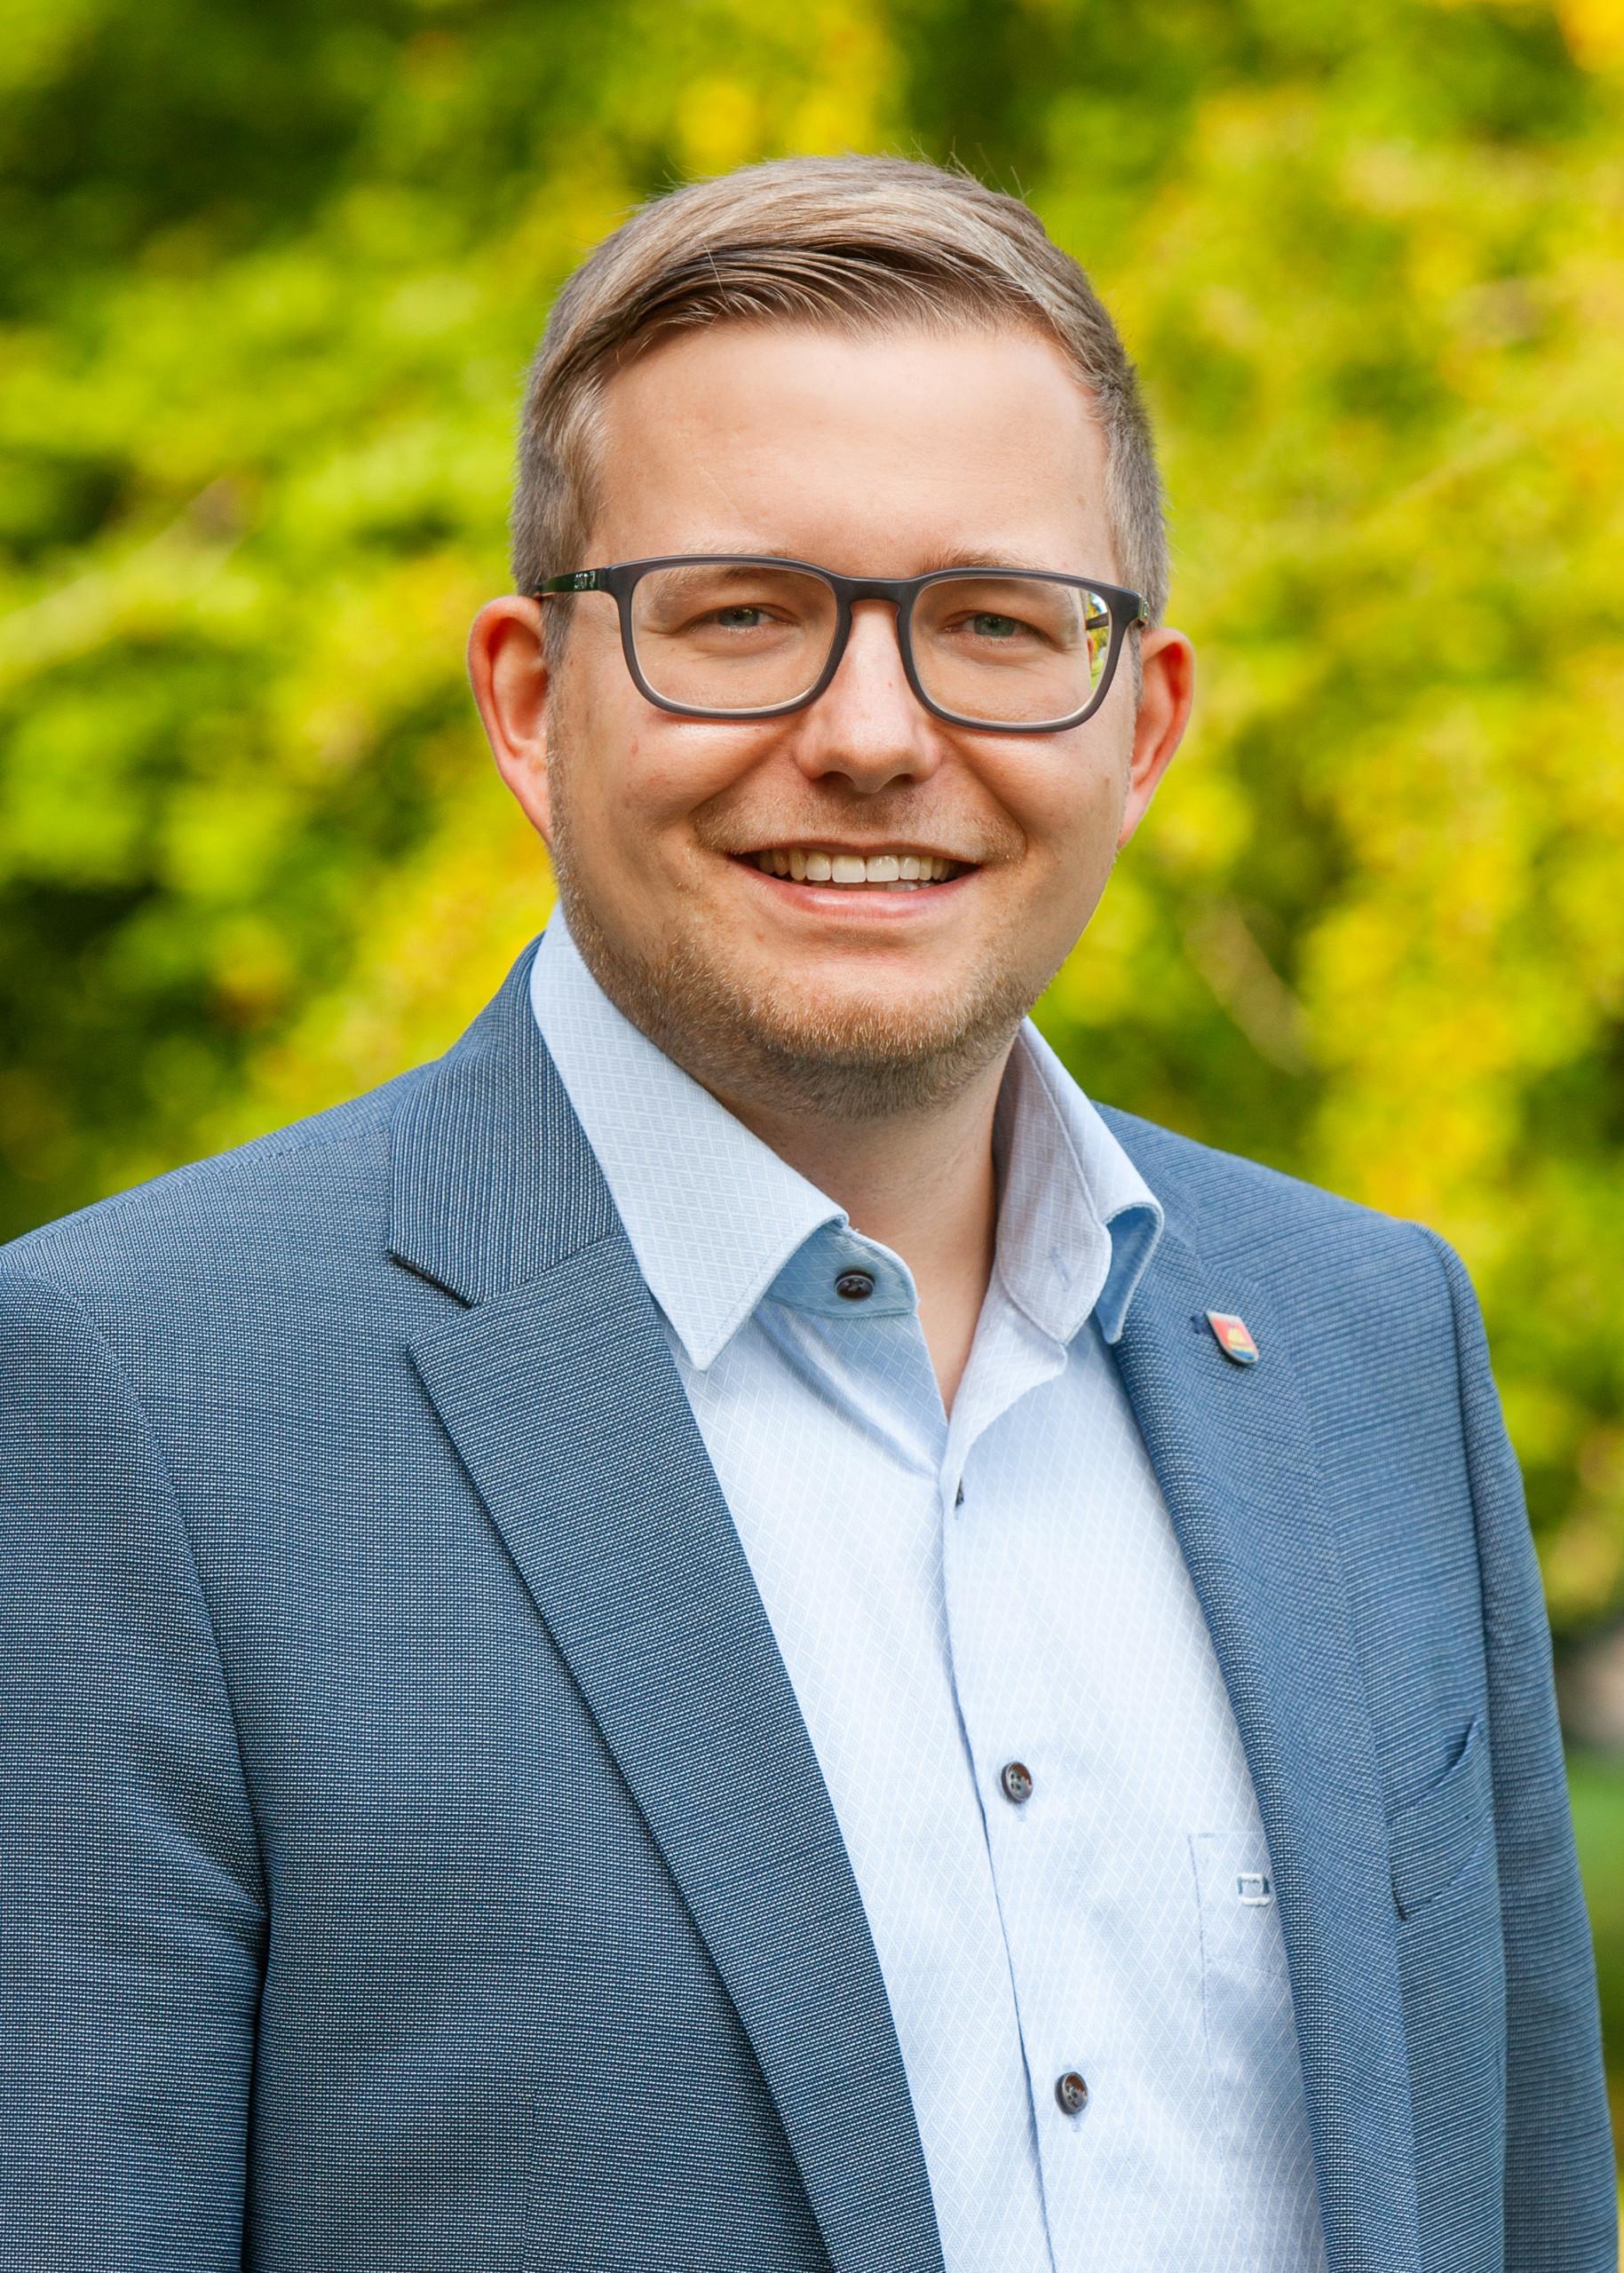 Bürgermeister Nils Anhuth. Aufnahme: Fotostudio Scheiwe